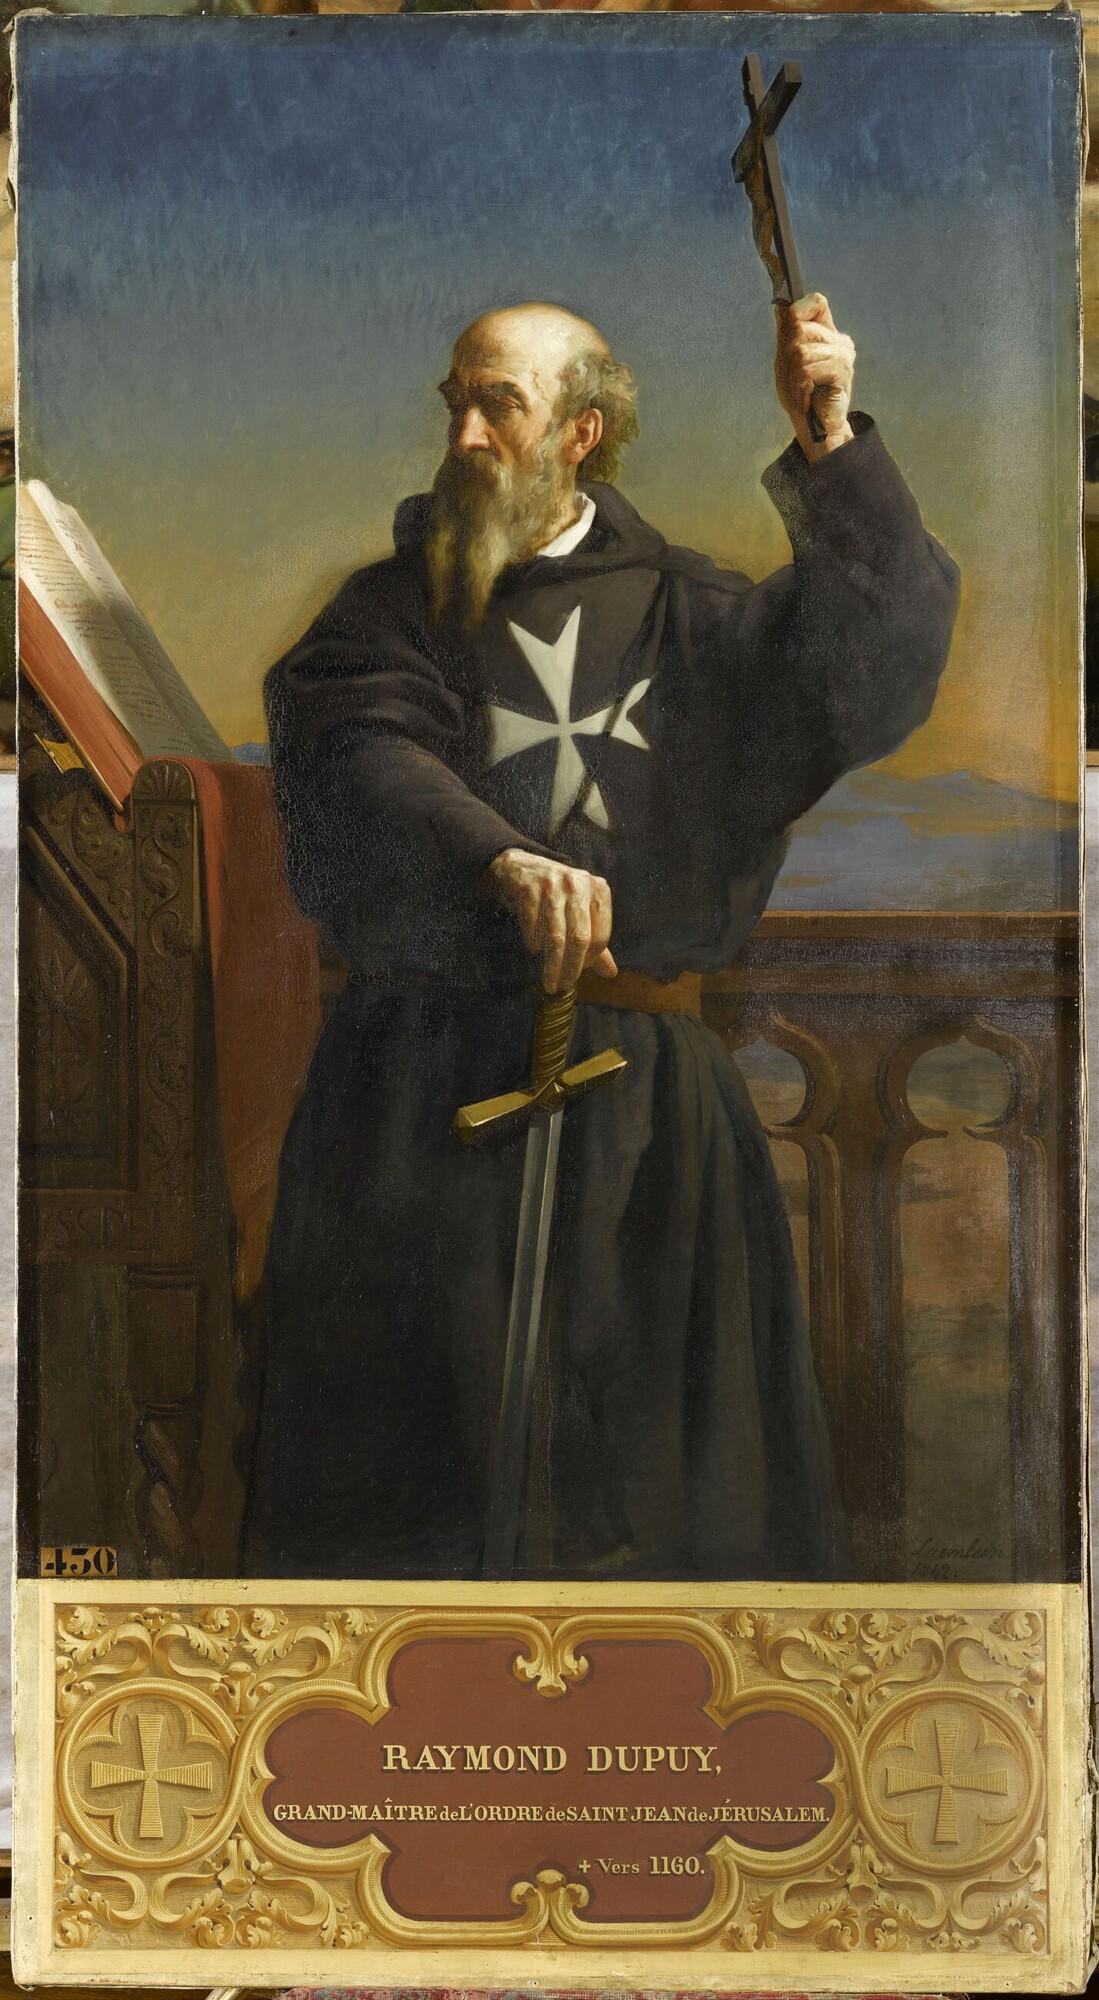 Raymond du Puy, premier grand-maître de l'ordre de Saint-Jean-de-Jérusalem (?-V.1160). Peintre : Alexandre Laemlein.